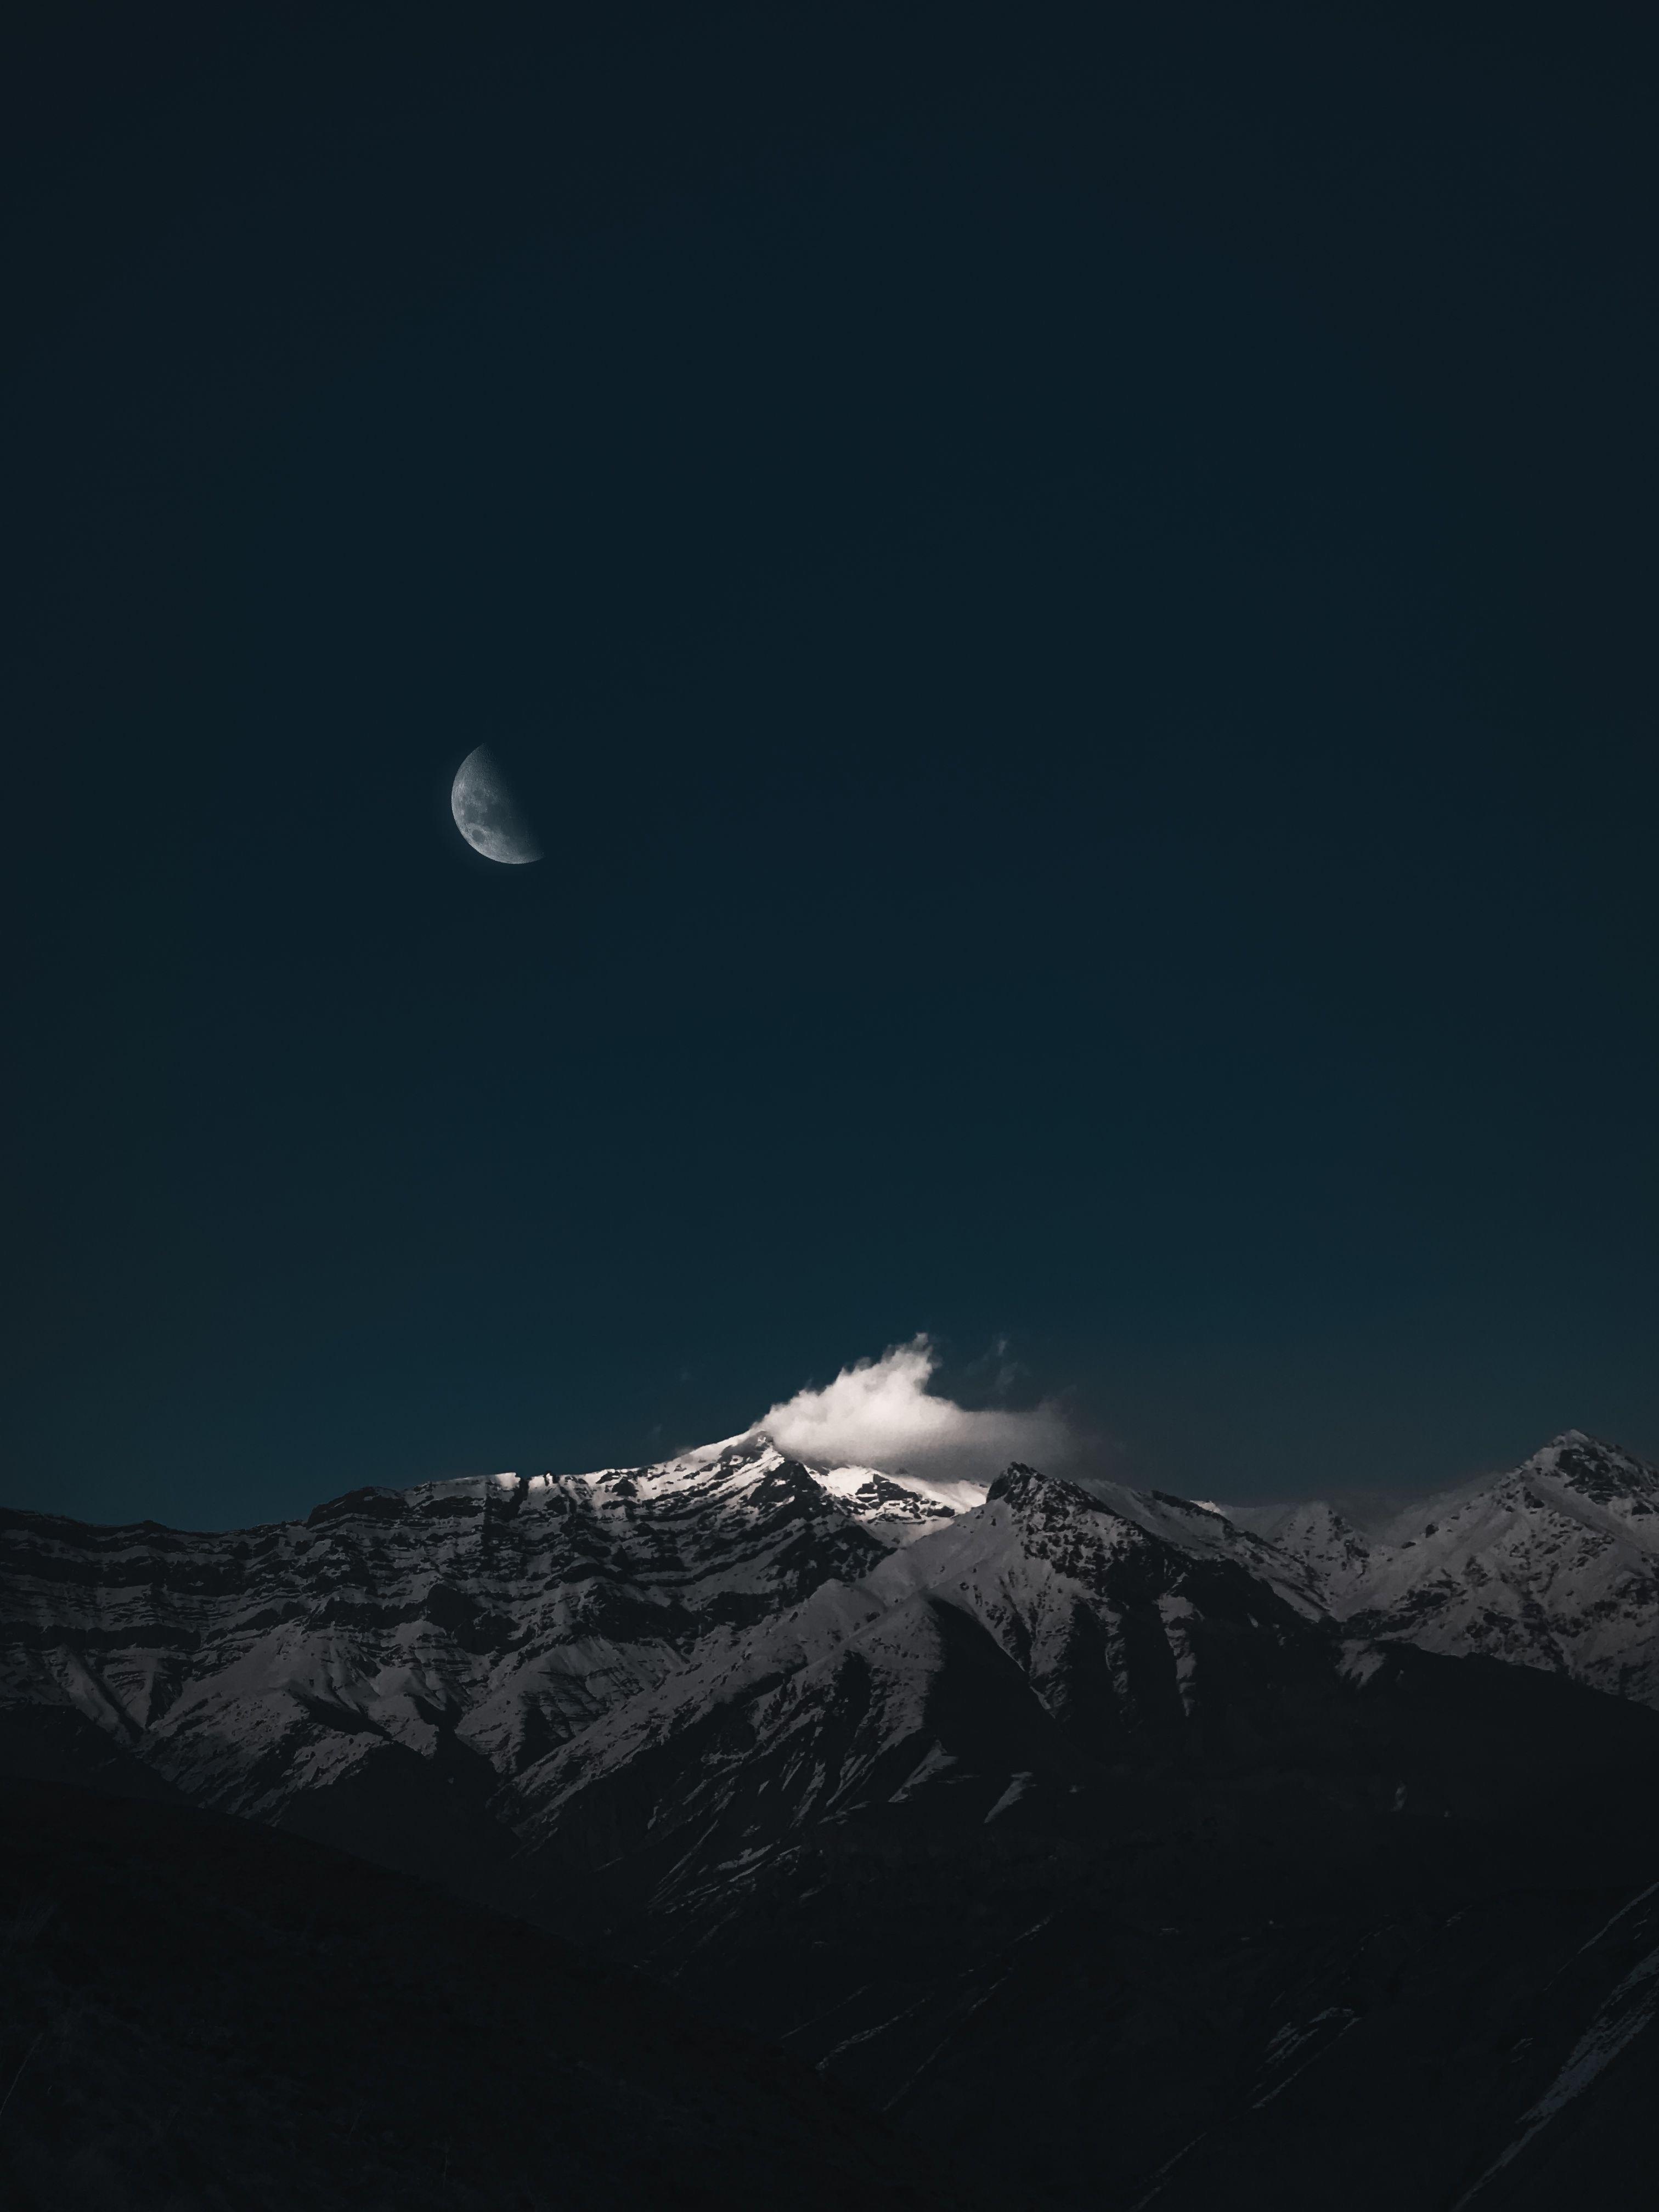 87271 免費下載壁紙 性质, 山, 戈拉, 云, 云端, 月球, 夜, 黑暗的, 黑暗 屏保和圖片